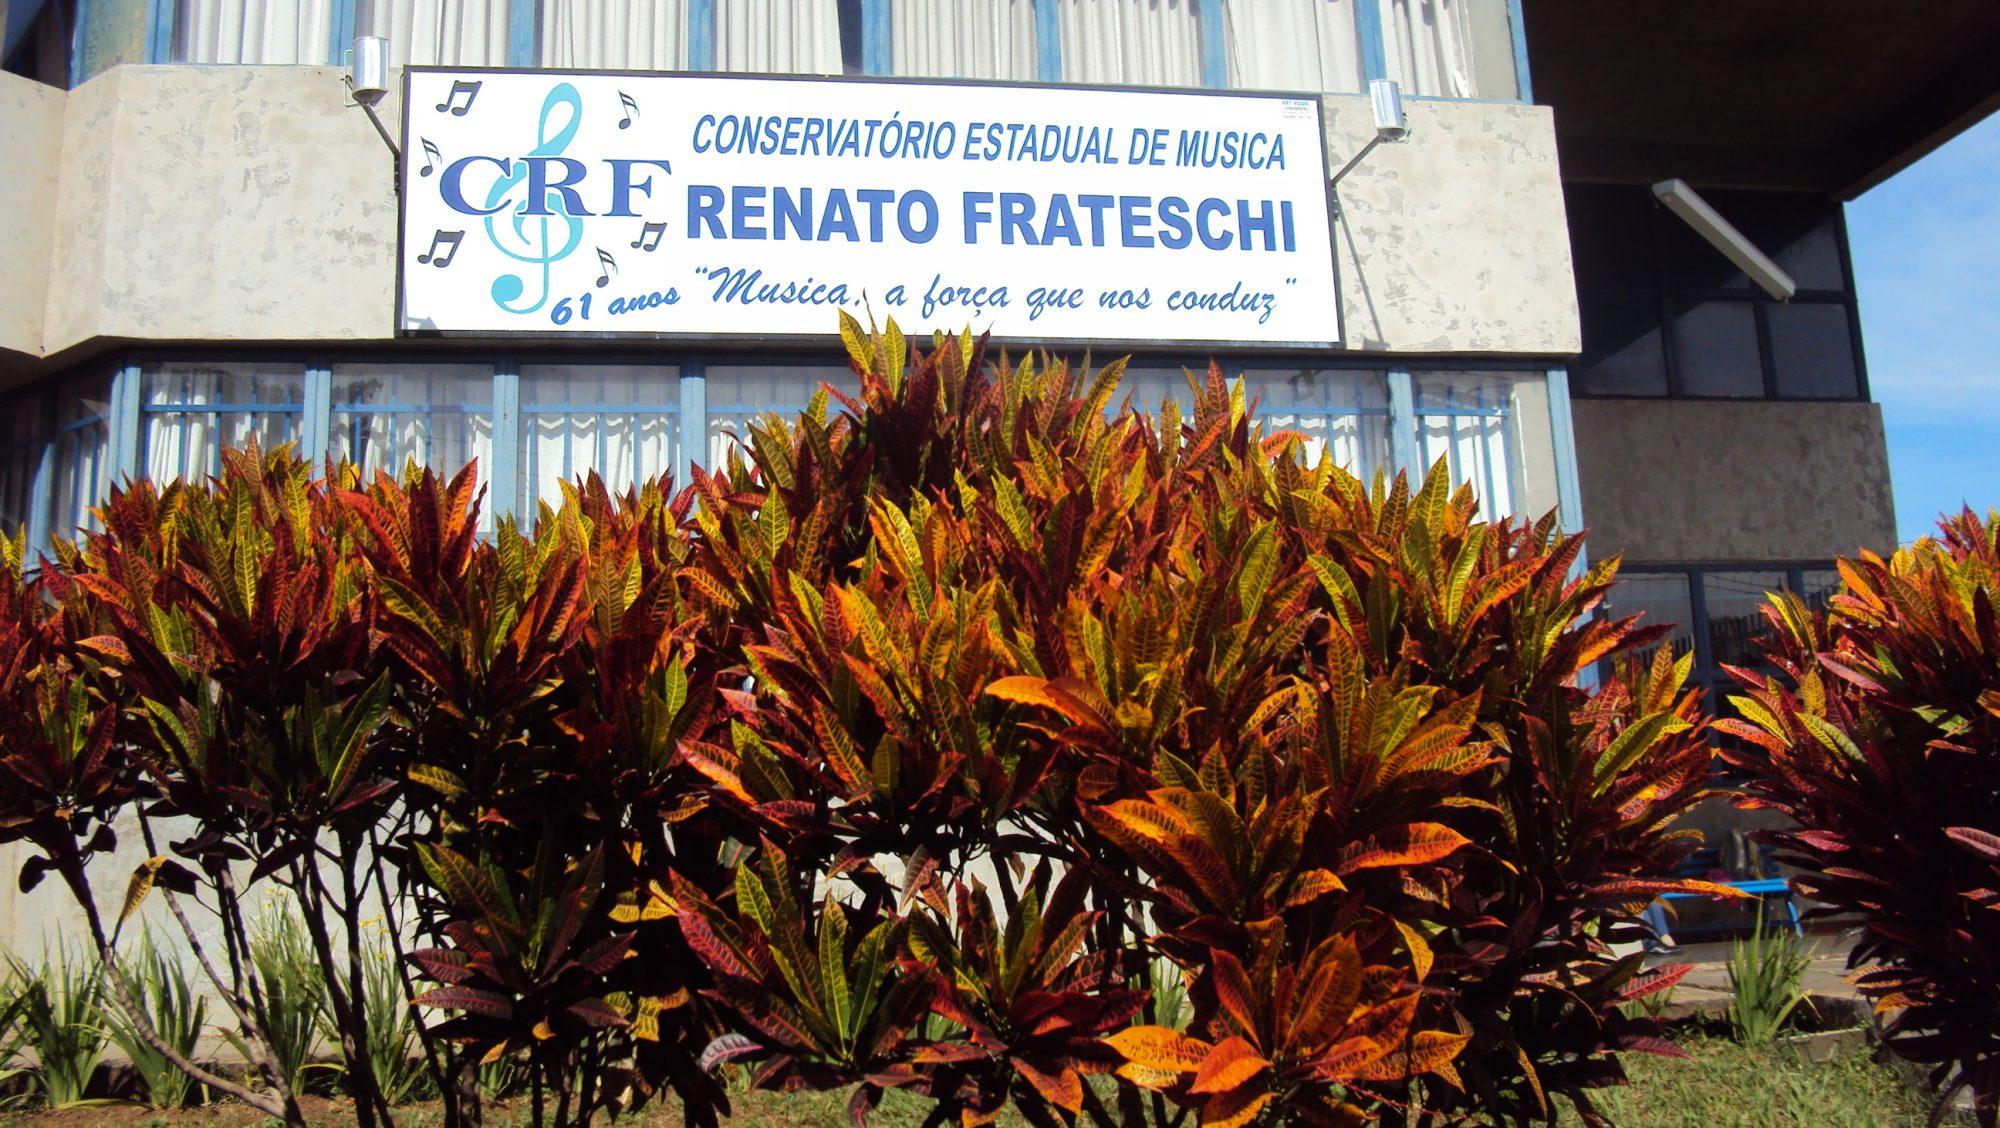 Conservatório Renato Frateschi